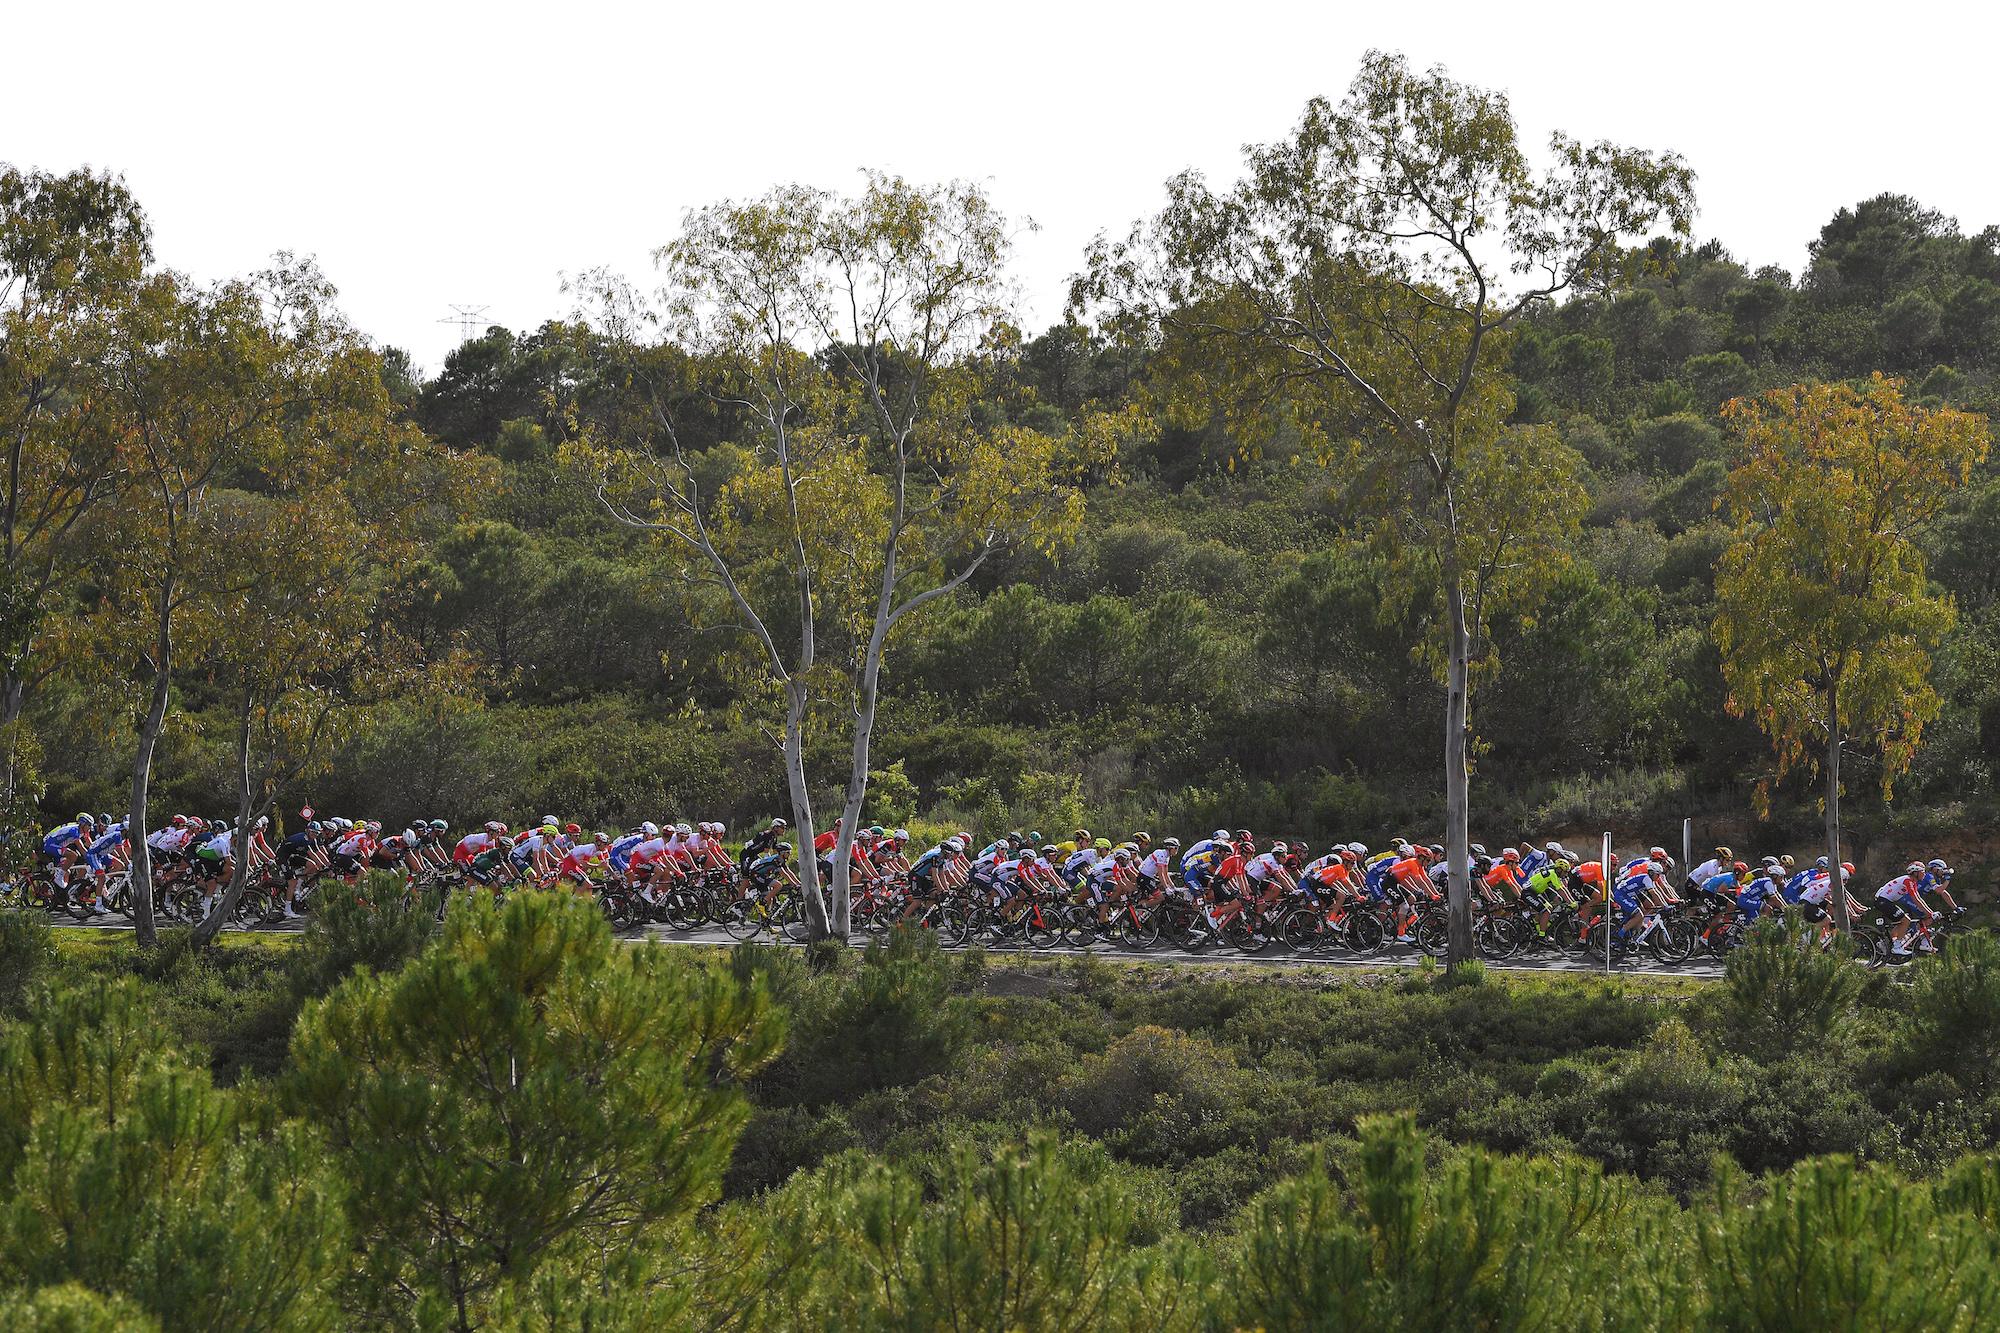 Volta ao Algarve 2020 TV guide - Cycling Weekly